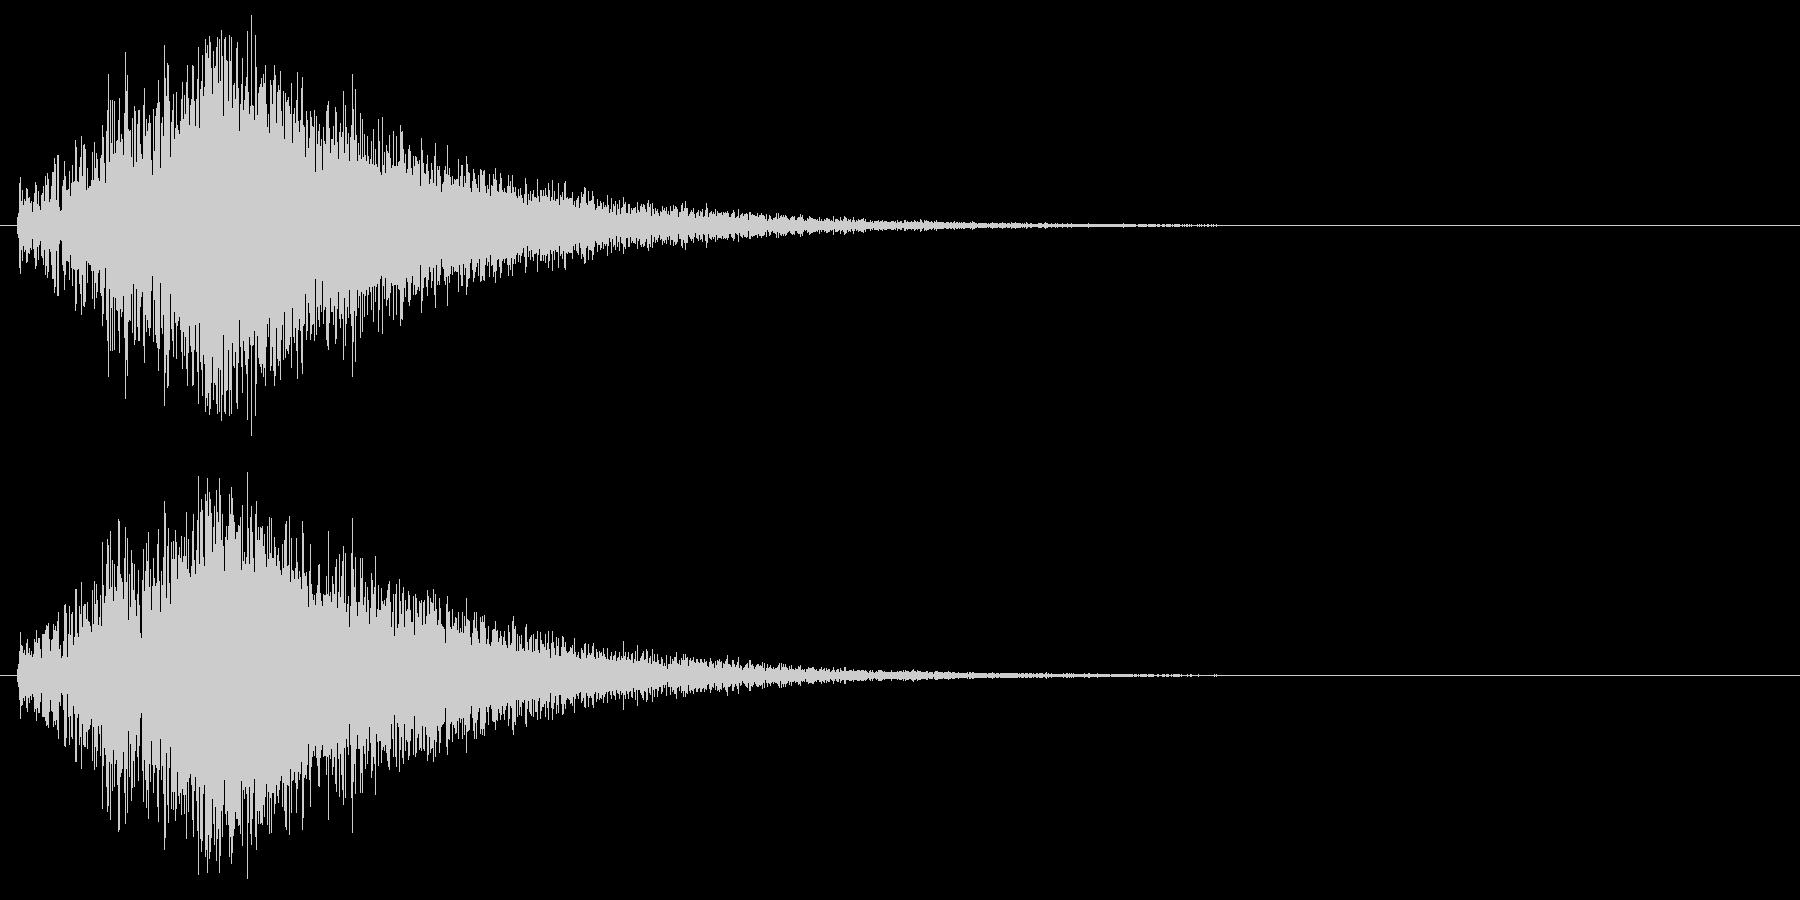 発散系サウンドの未再生の波形